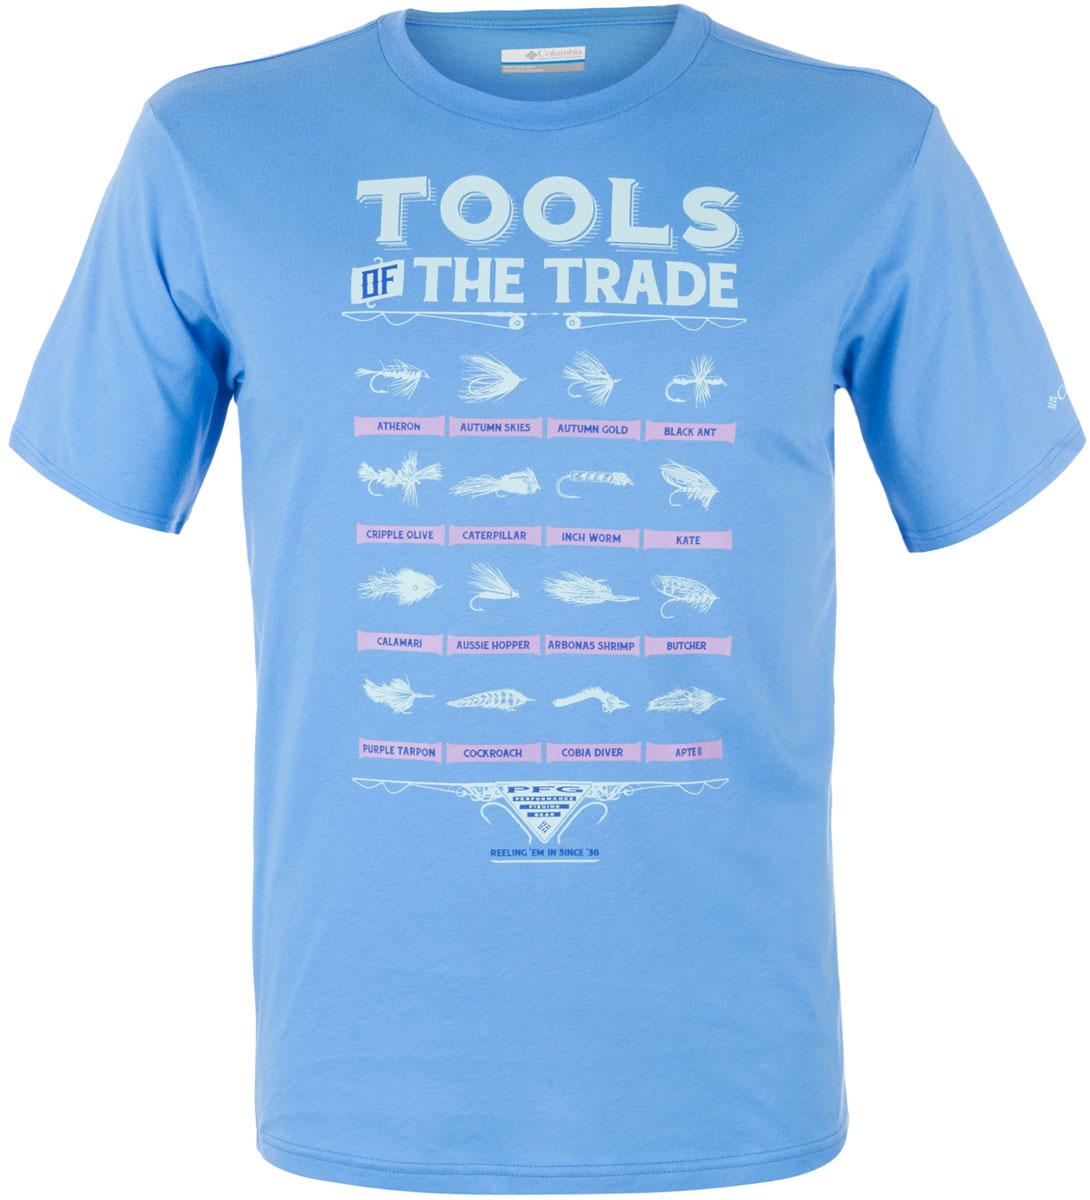 Футболка мужская Columbia PFG Tools Elements SS T-shirt , цвет: голубой. 1717221-475. Размер S (44/46)1717221-475Футболка Columbia - оптимальный вариант для активного отдыха и повседневного использования. Модель выполнена из хлопка, что обеспечивает максимально комфортные ощущения во время использования.